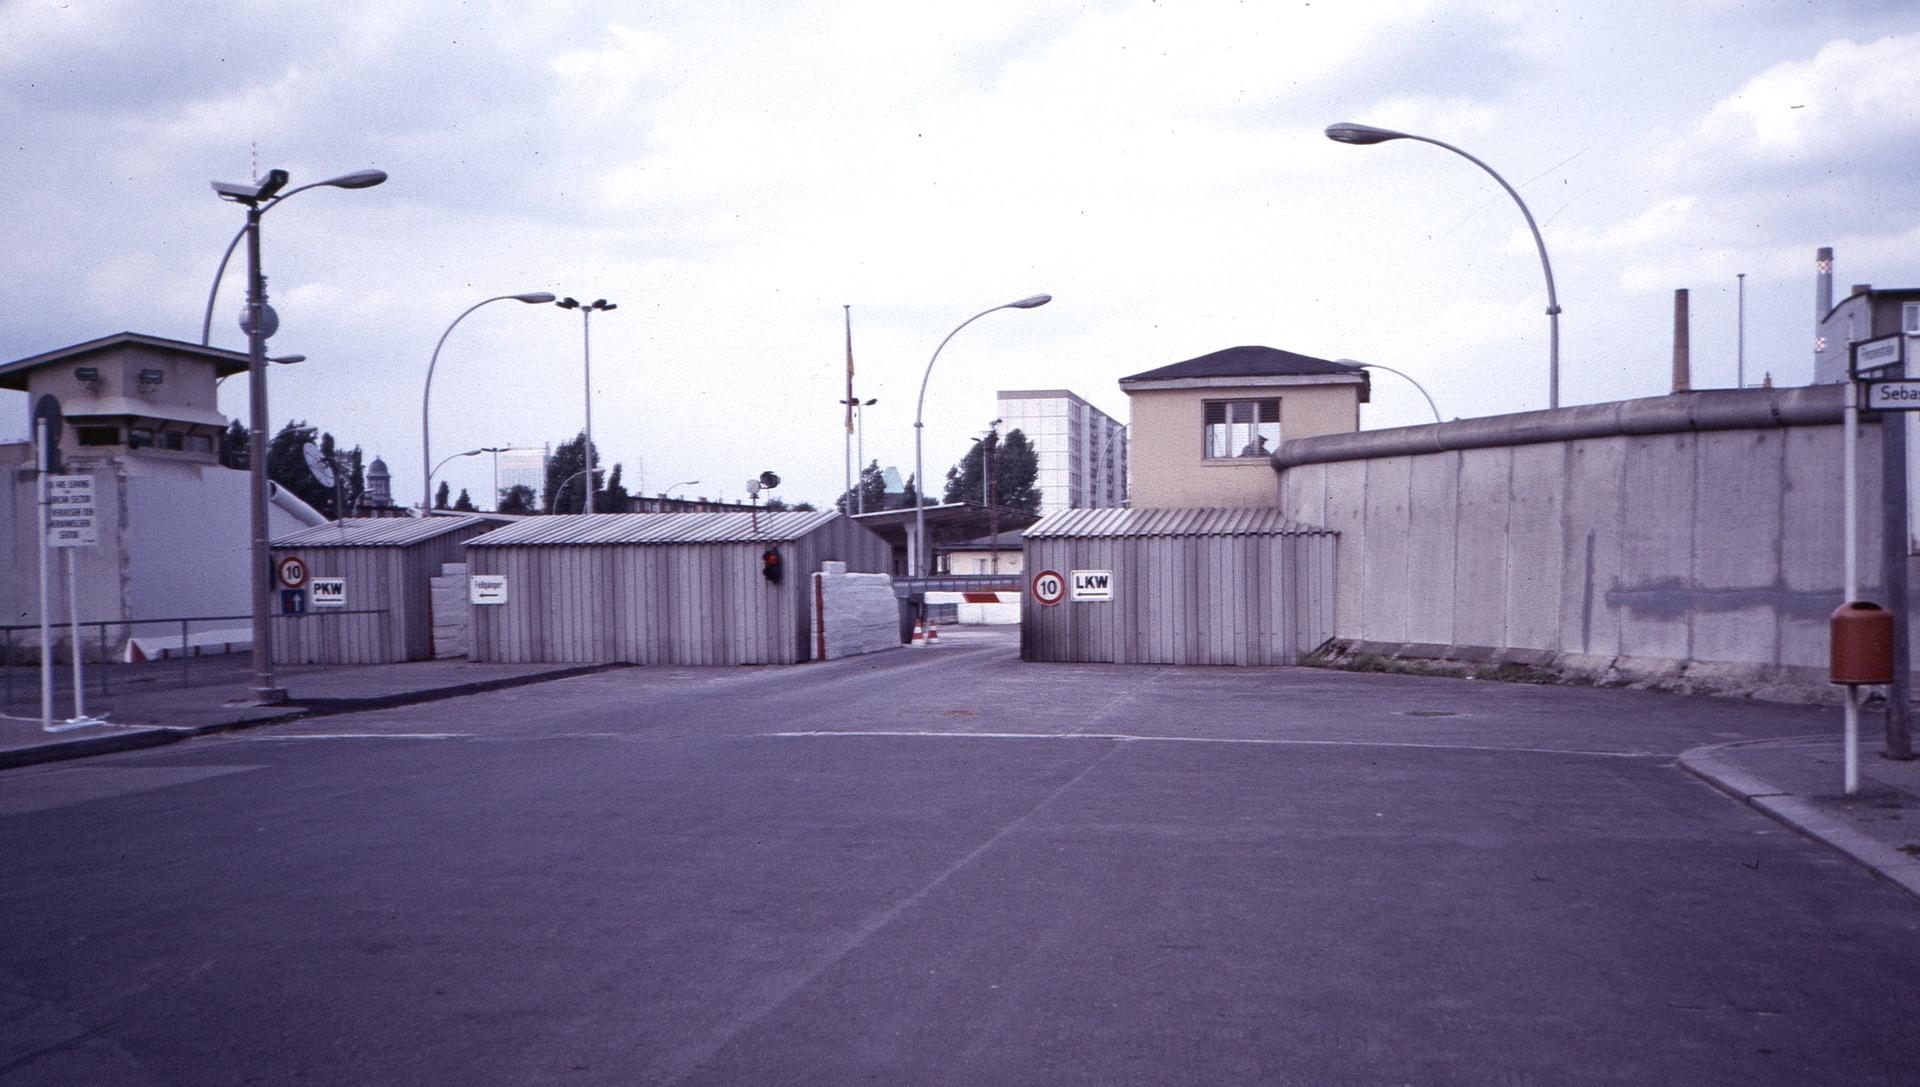 19870803a_Heinrich-Heine-Straße.jpg